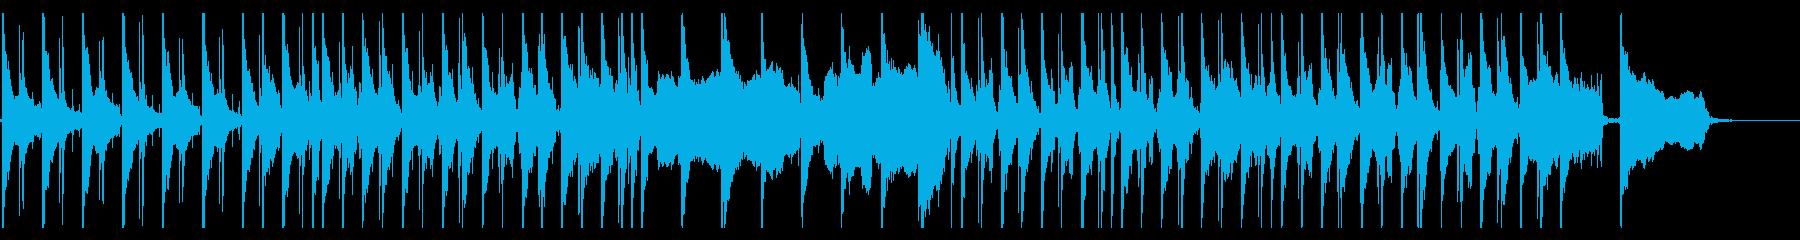 生コントラバスとクラリネットのゆったり曲の再生済みの波形